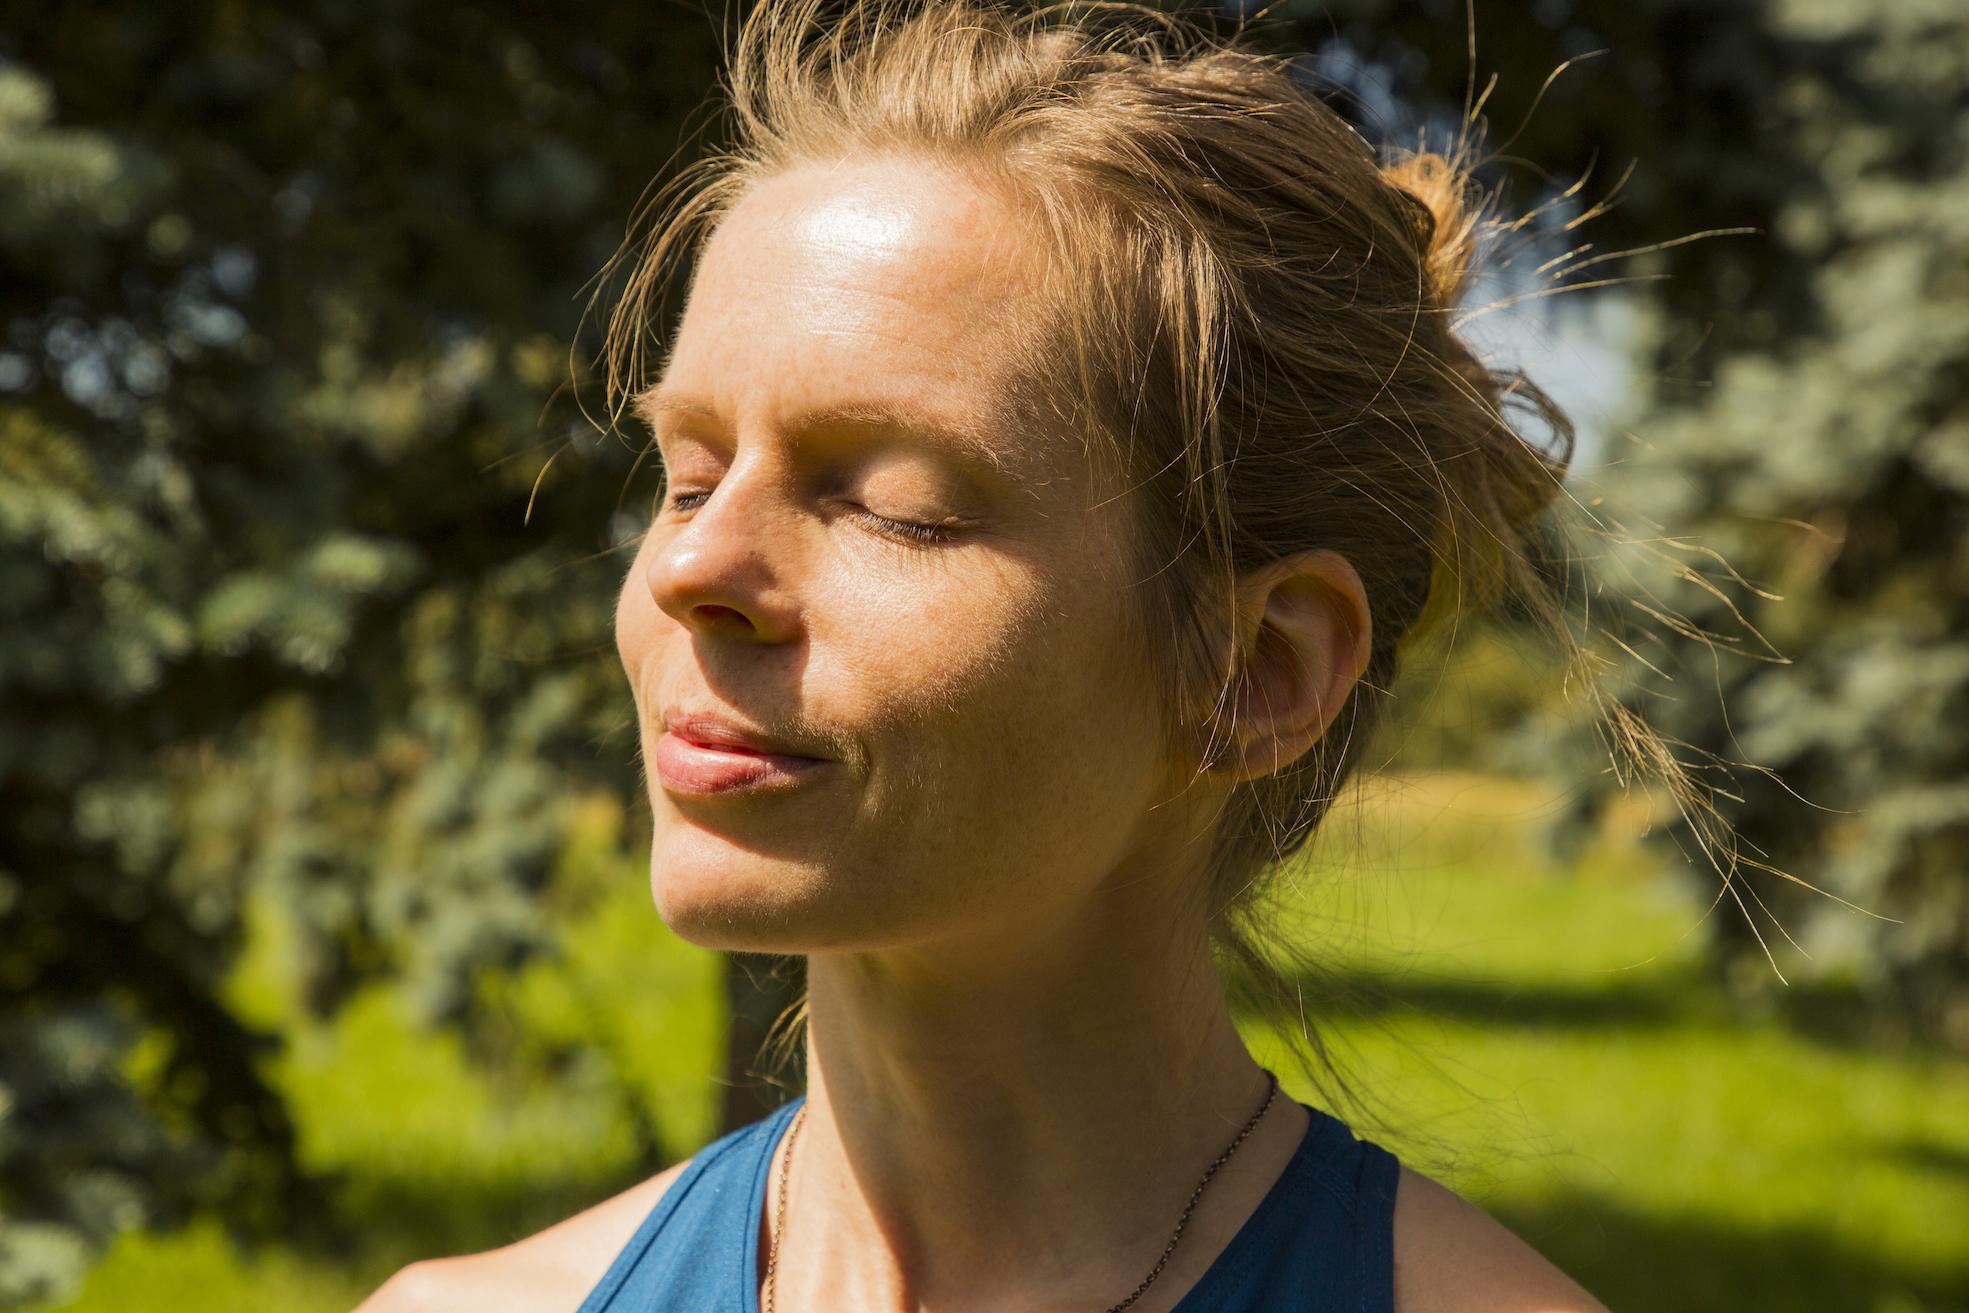 Frau mit hoch gebundenen Haaren steht in der Natur und genießt mit geschlossenen Augen die Sonne im Gesicht.